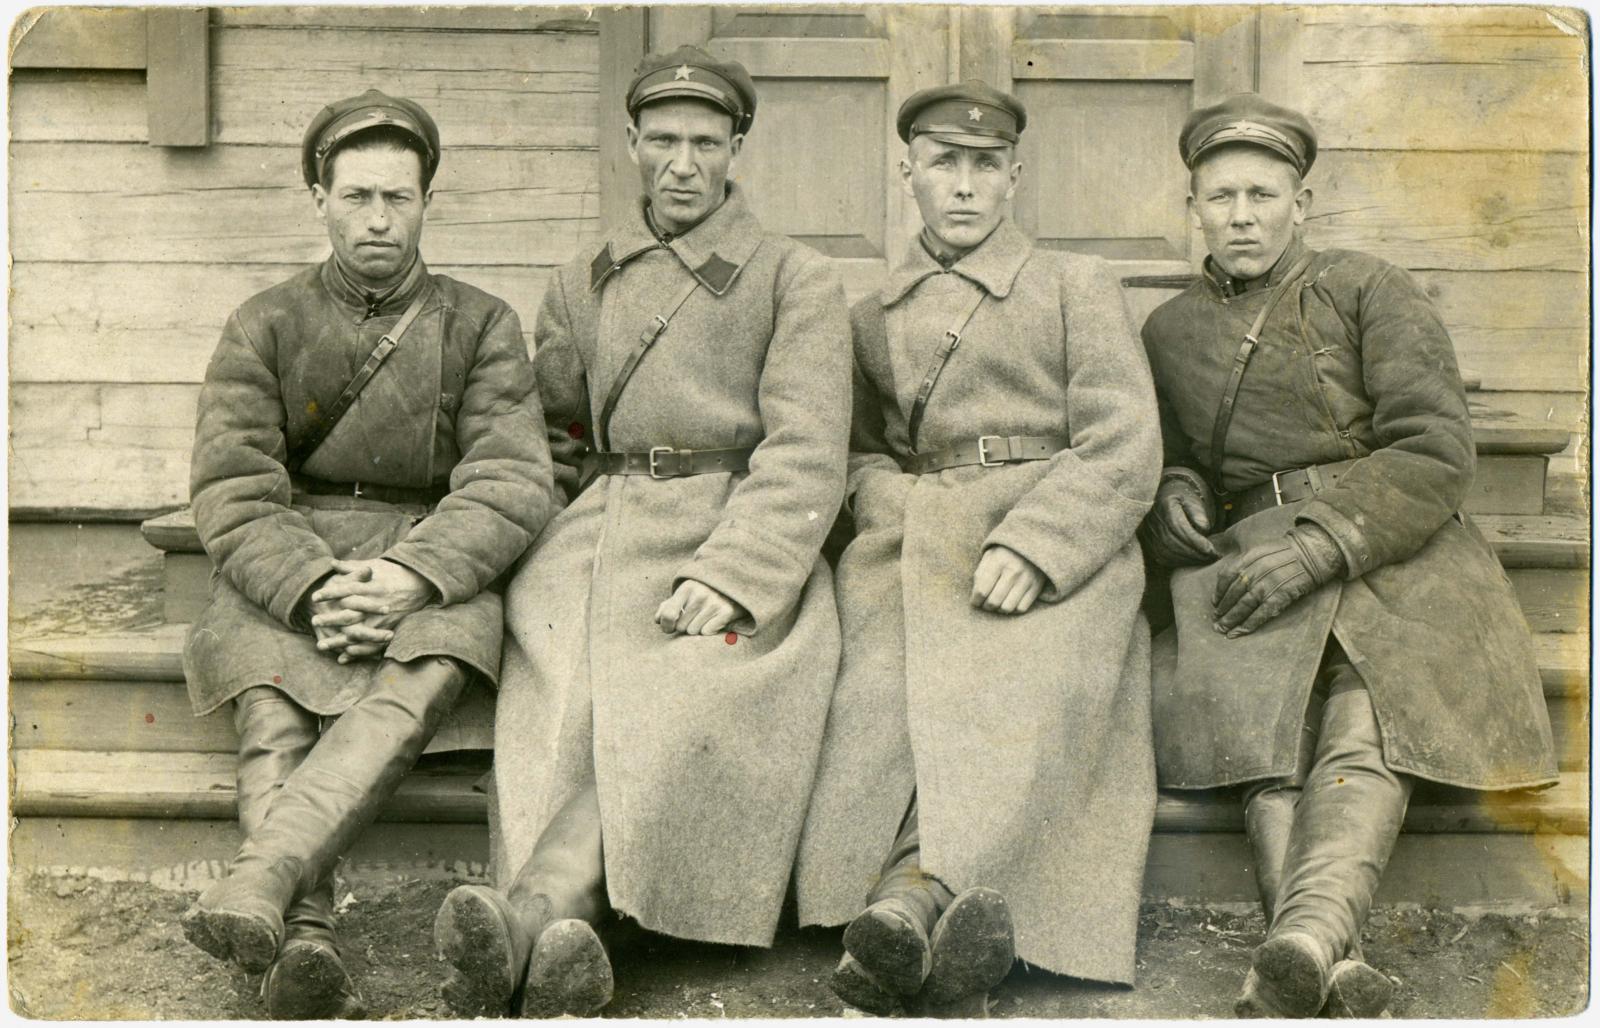 1933. Сотрудники Отдела по спецпереселенцам(ОСП) Шадринской районной комендатуры ОГПУ, г. Шадринск